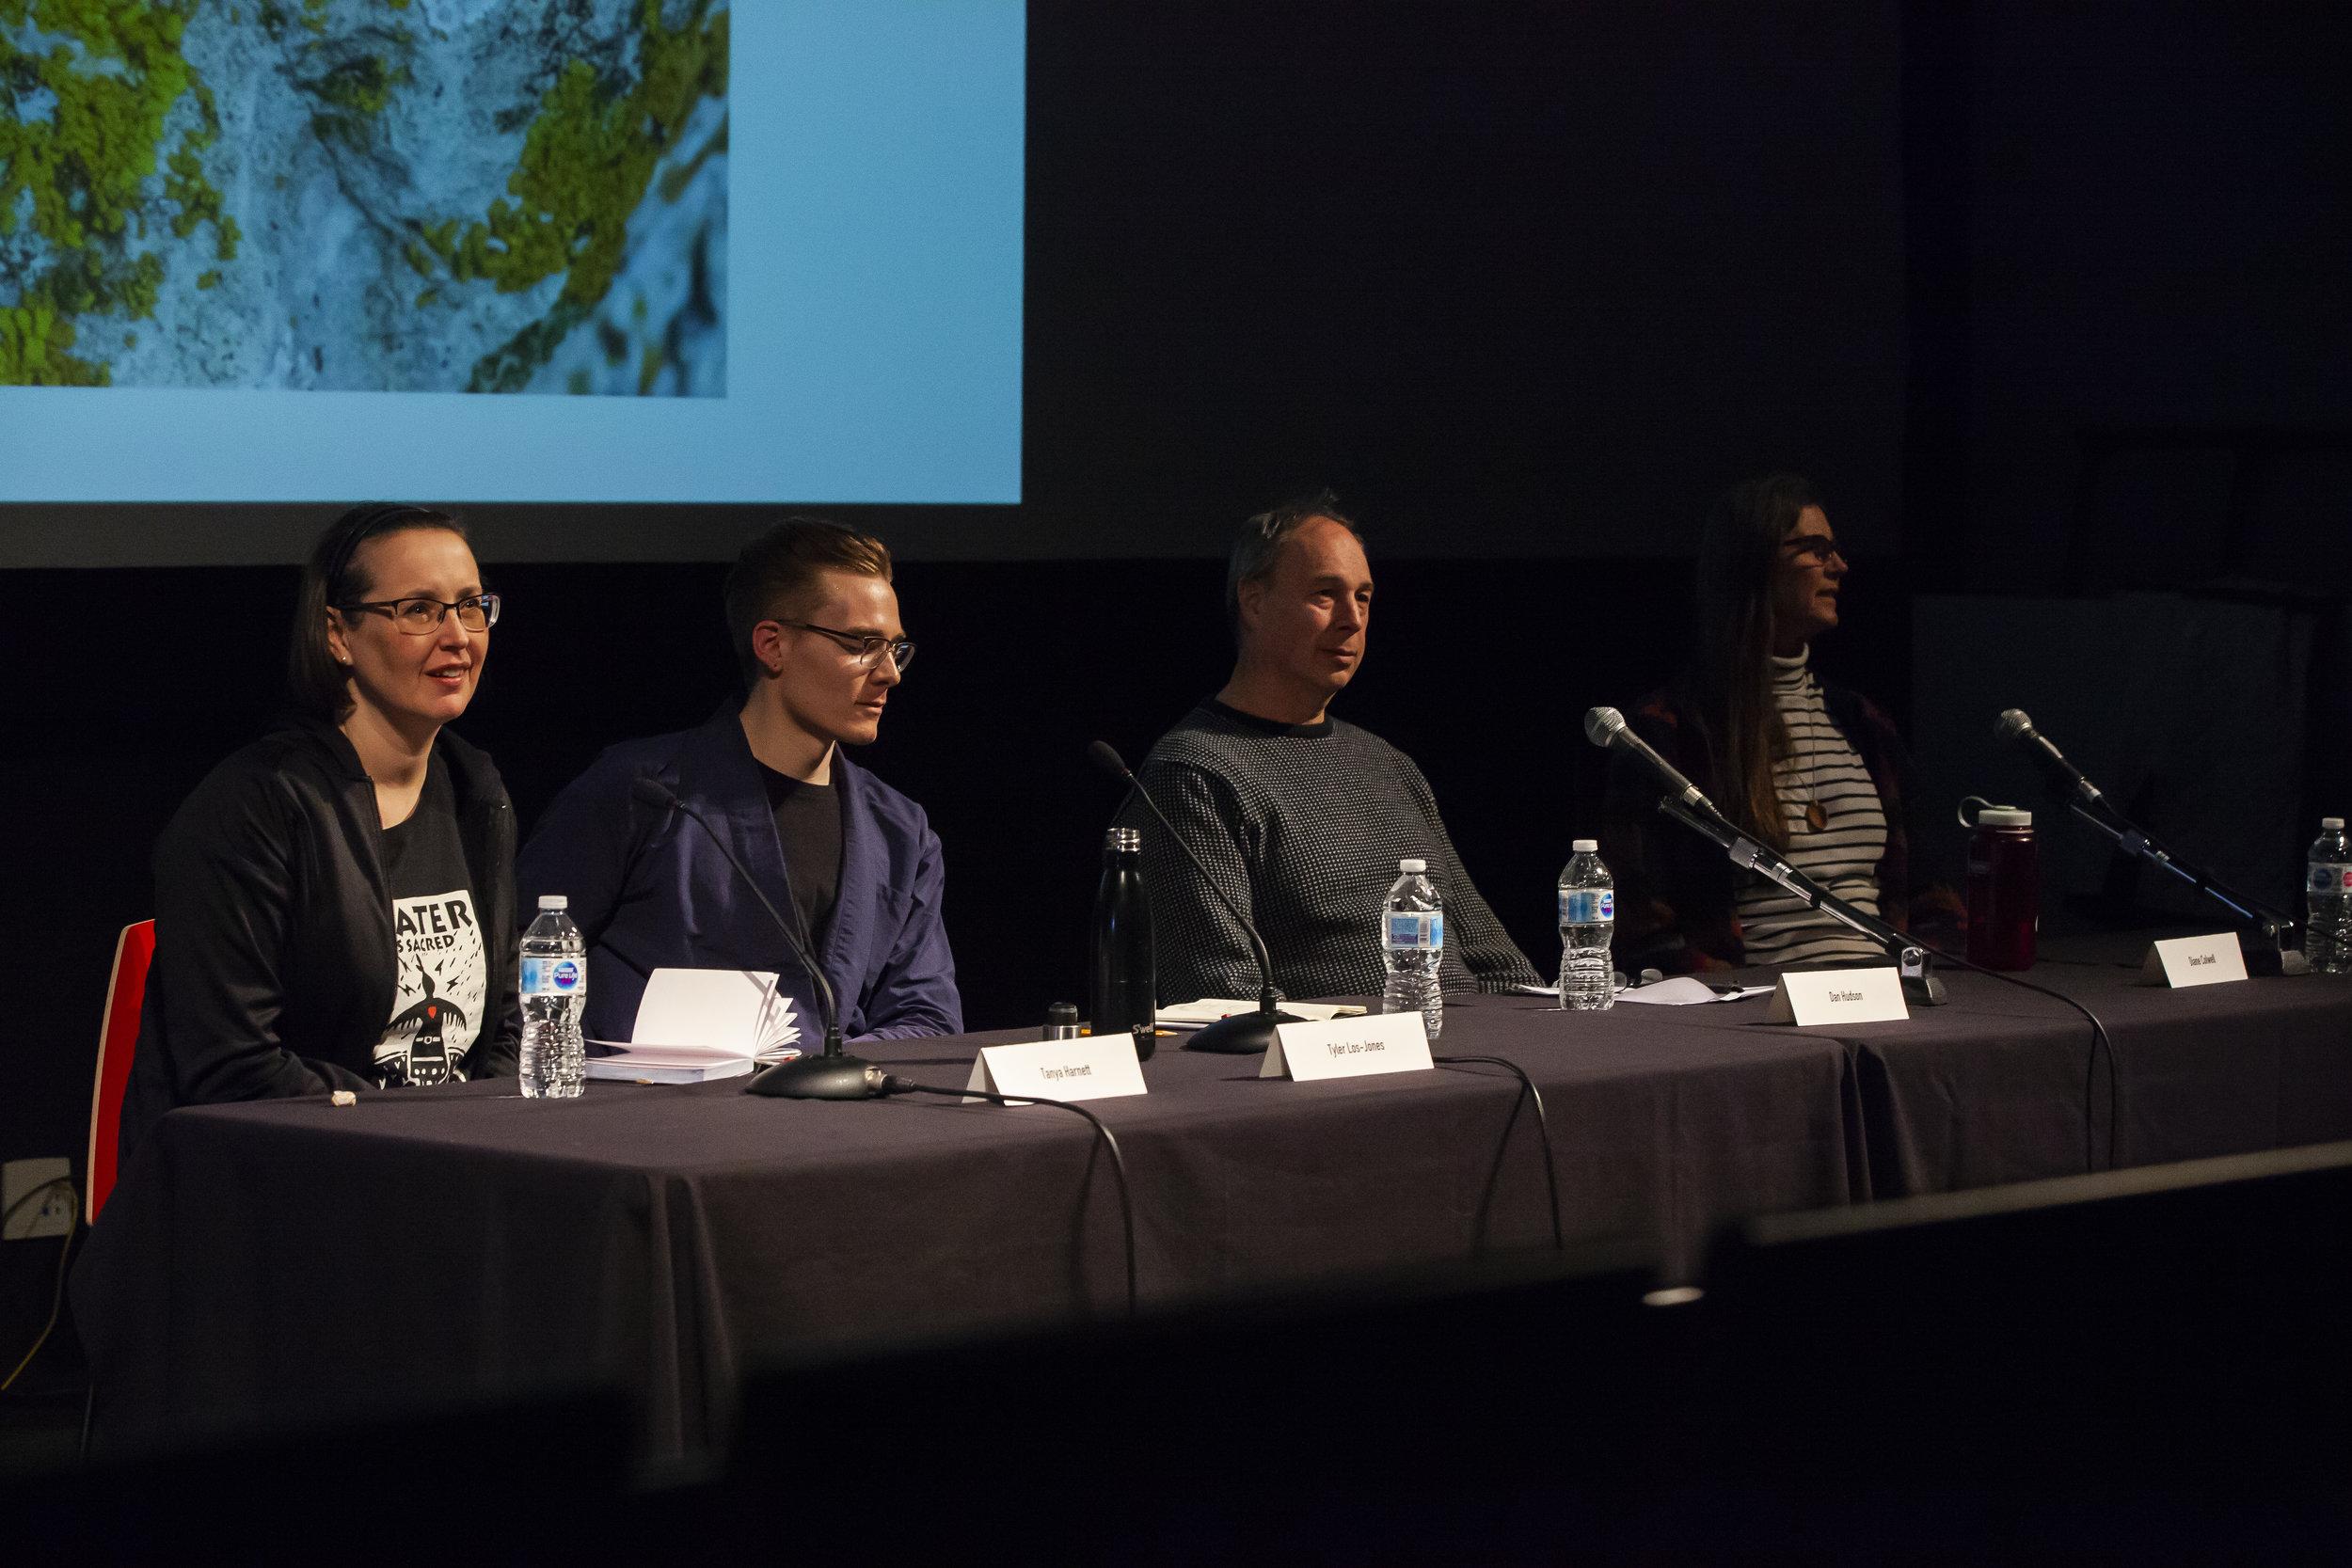 Tanya Harnett, Tyler Los-Jones, Dan Hudson and Diane Colwell.